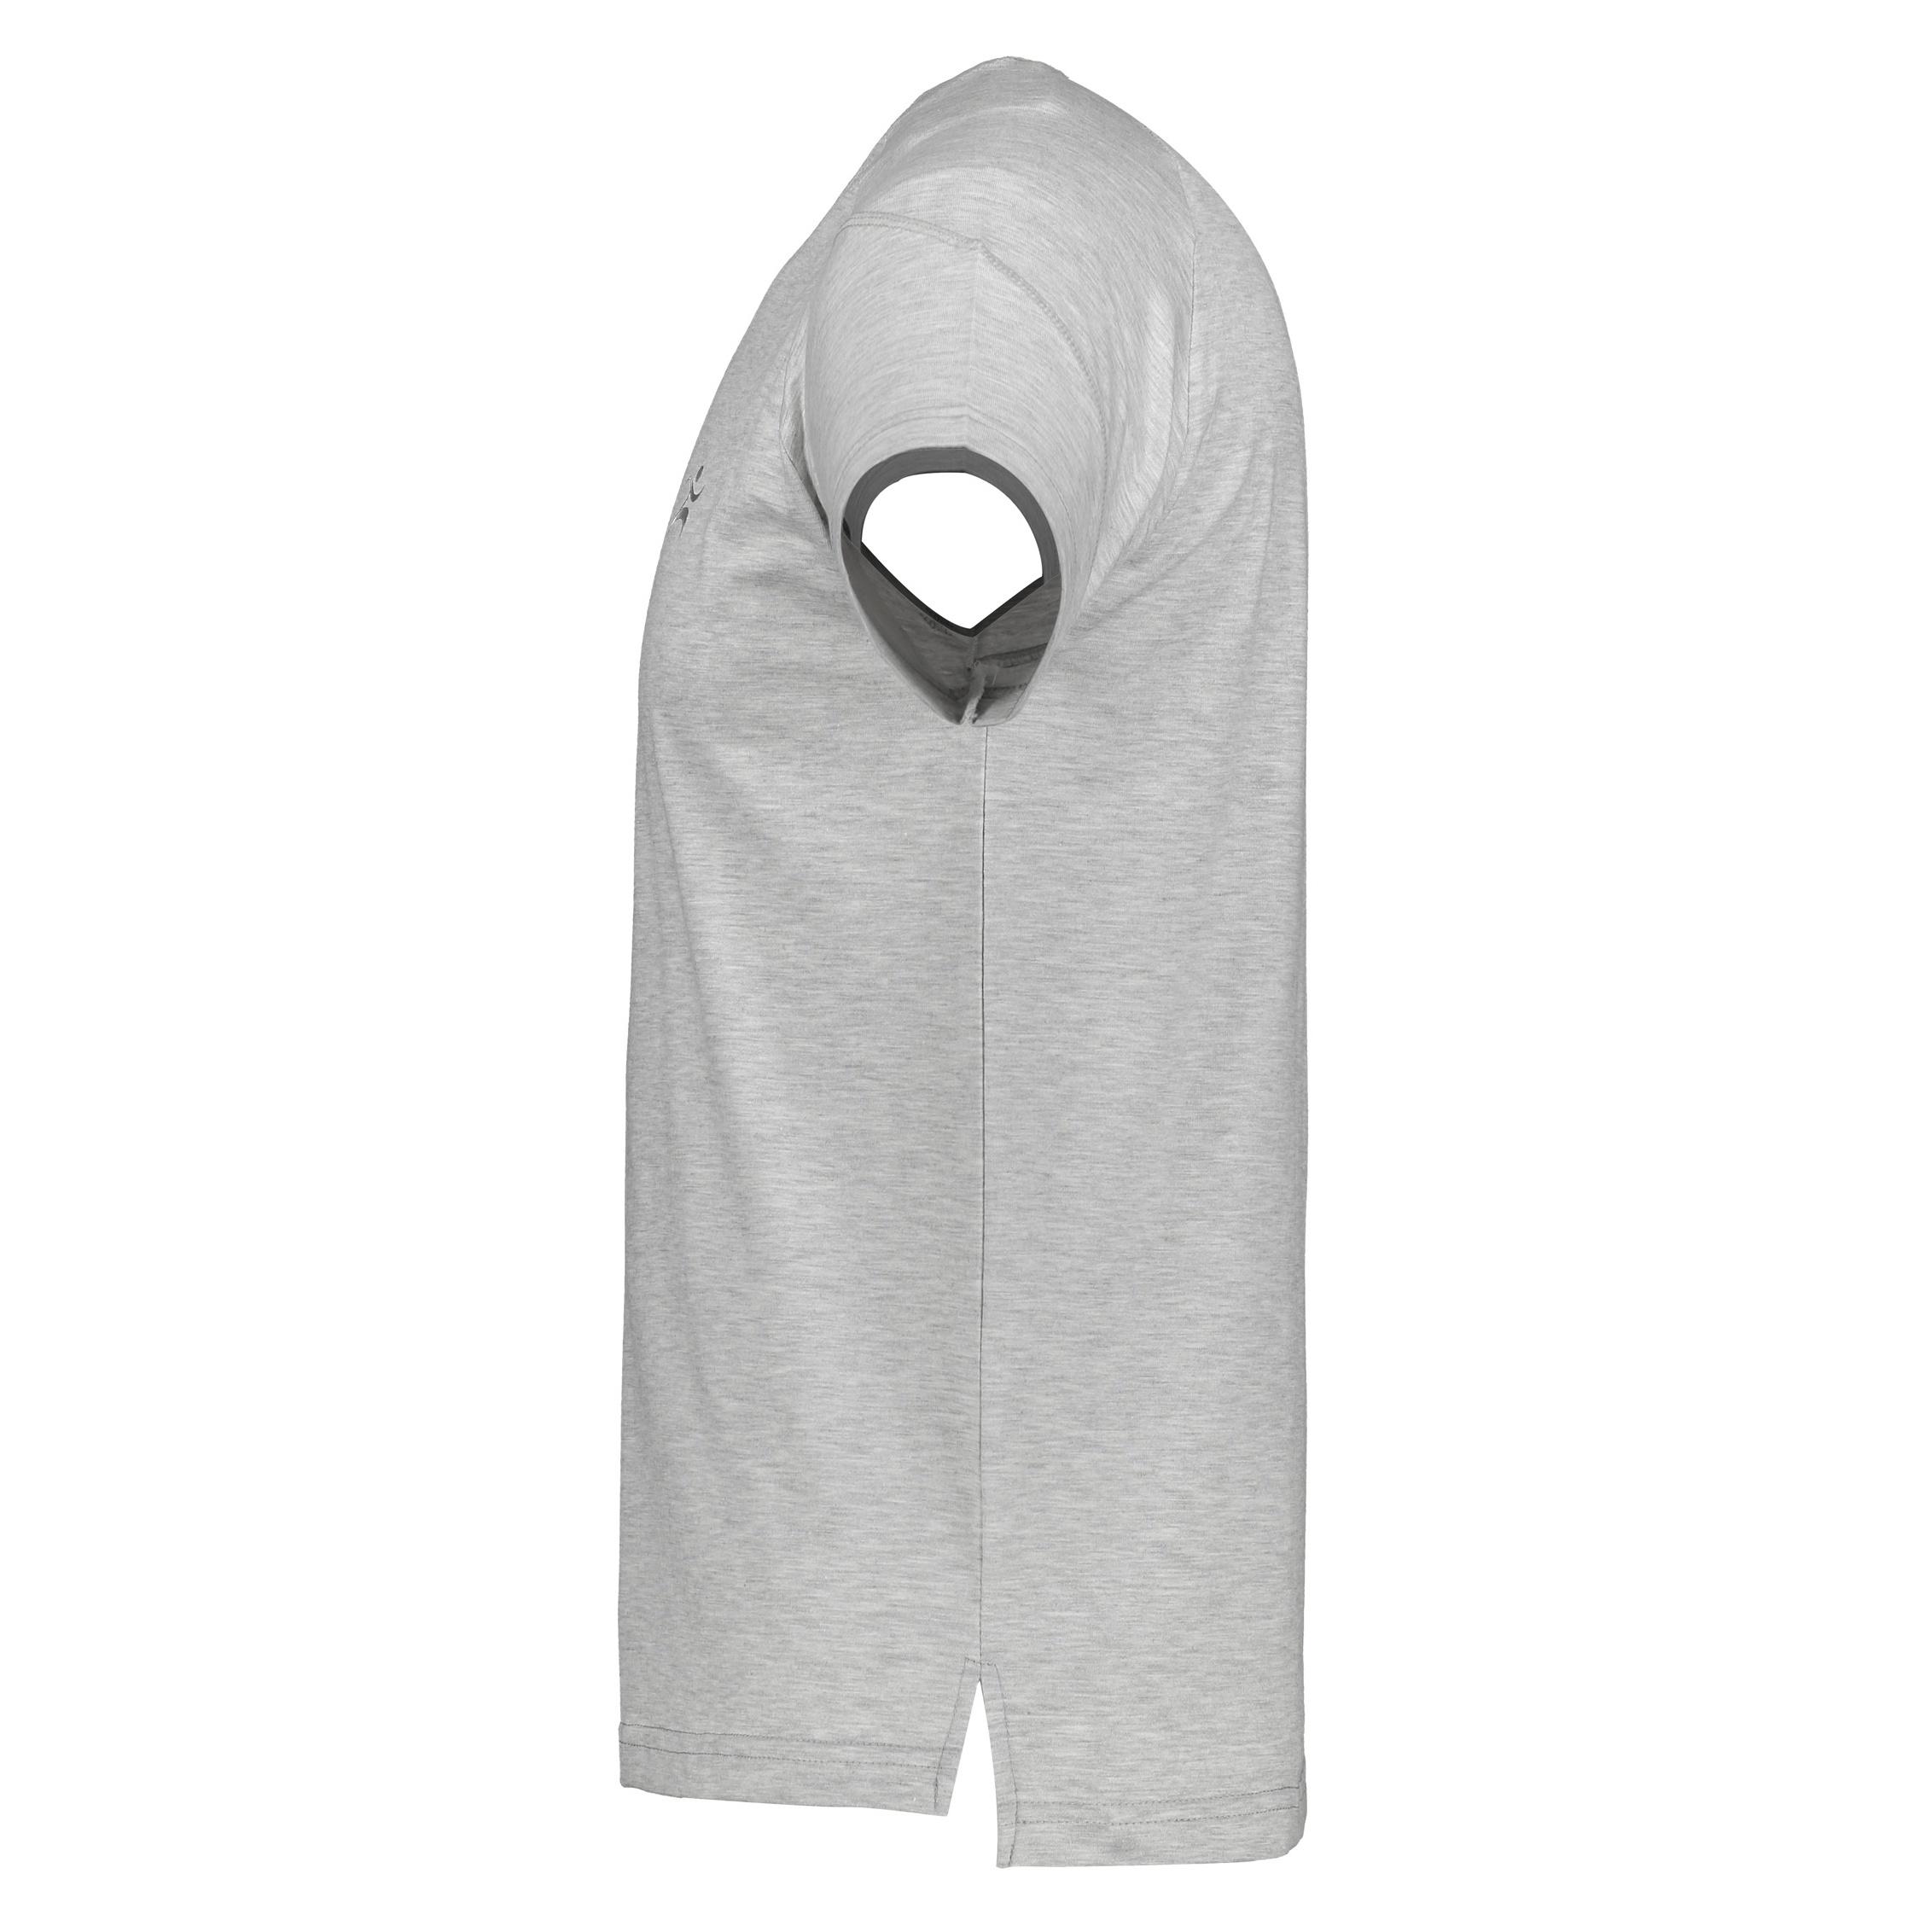 تی شرت ورزشی مردانه اسپرت من مدل k22-21